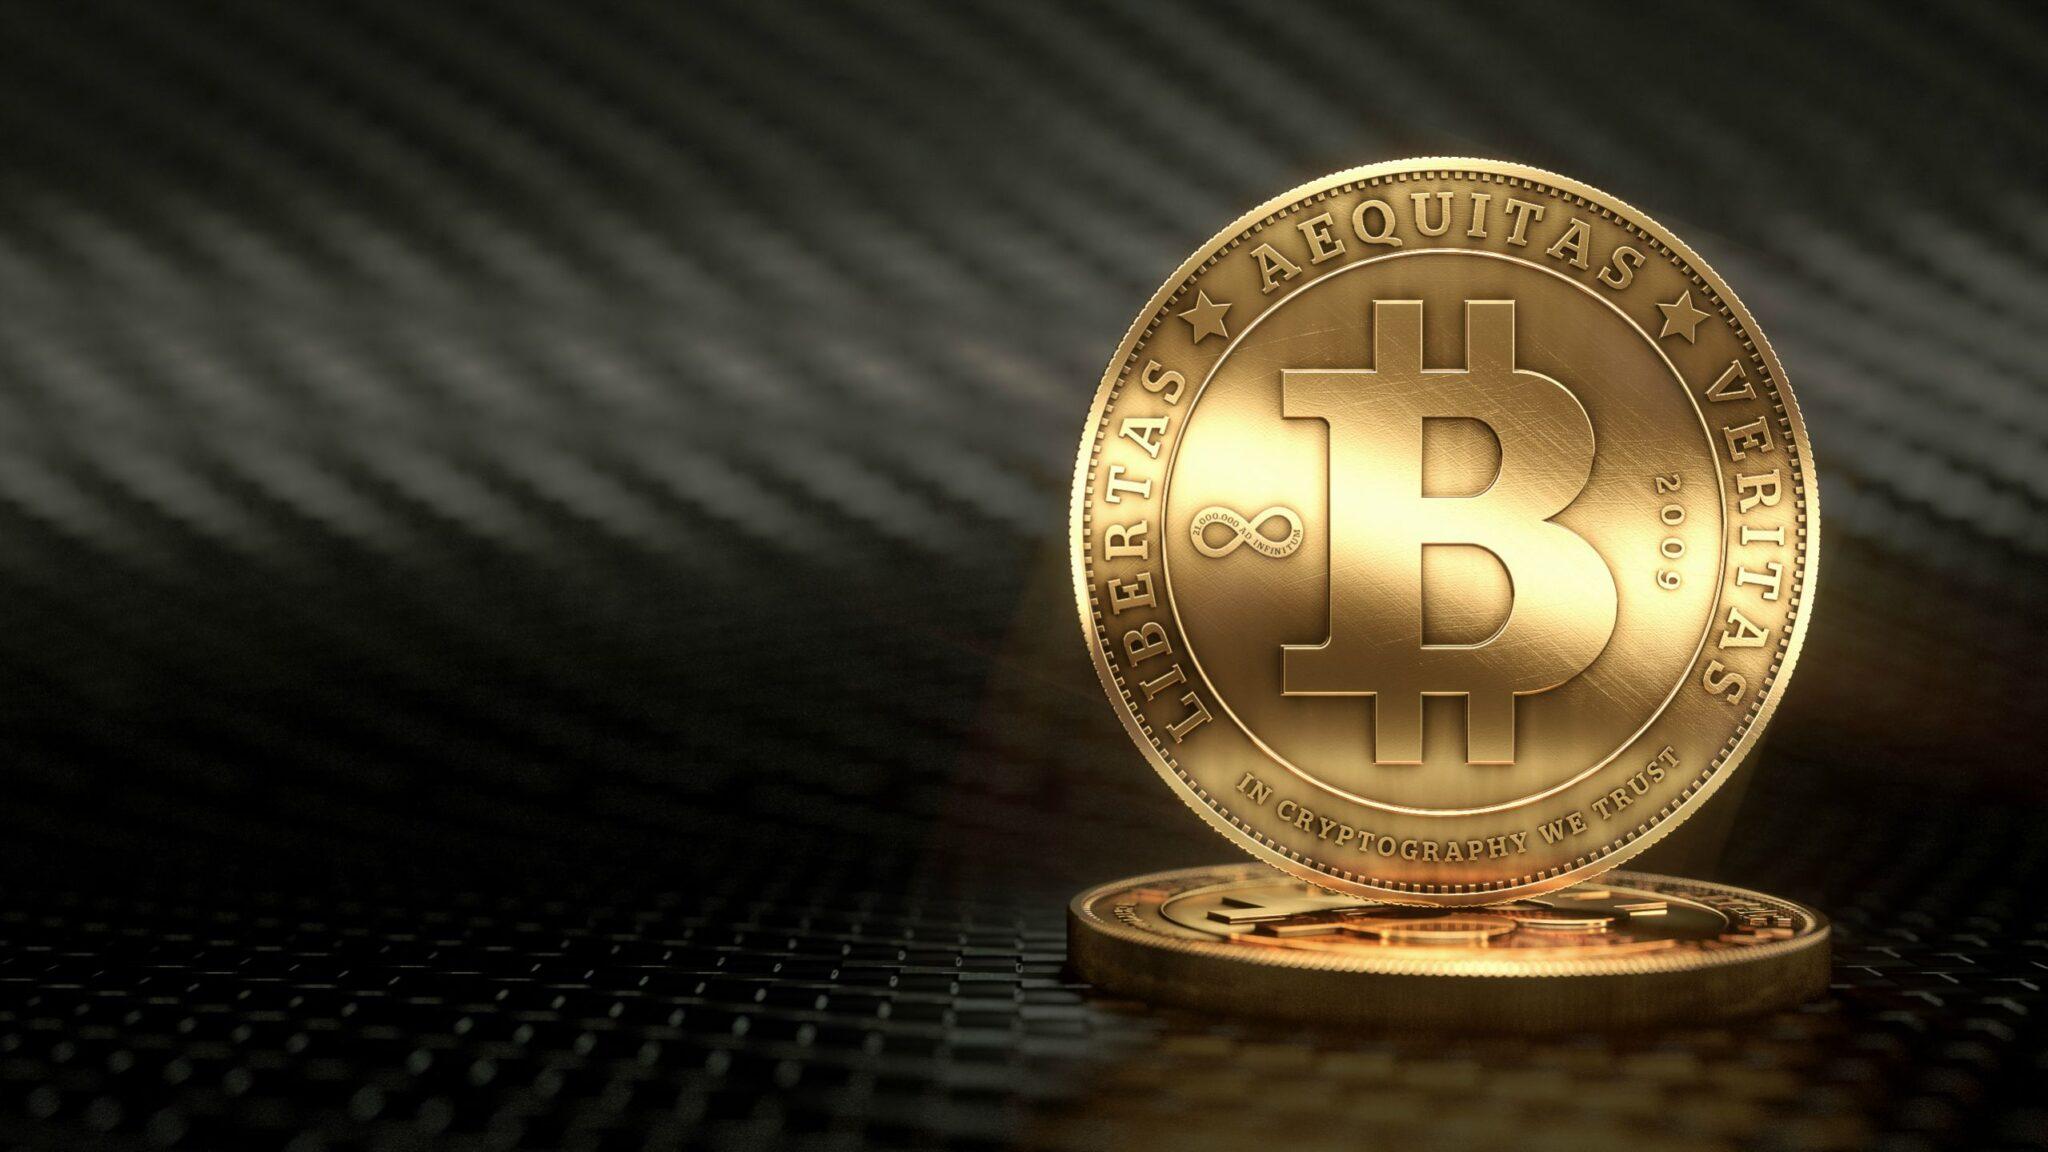 come il commercio bitcoin per ondulazione su kraken